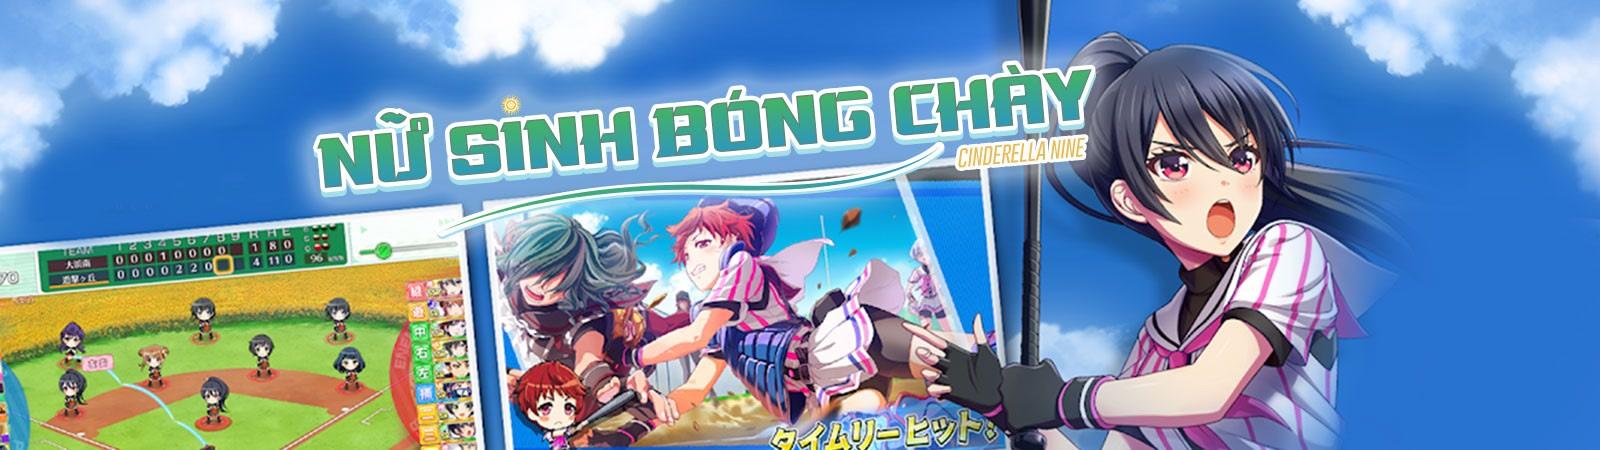 Hachigatsu no Cinderella Nine - Nữ Sinh Bóng Chày